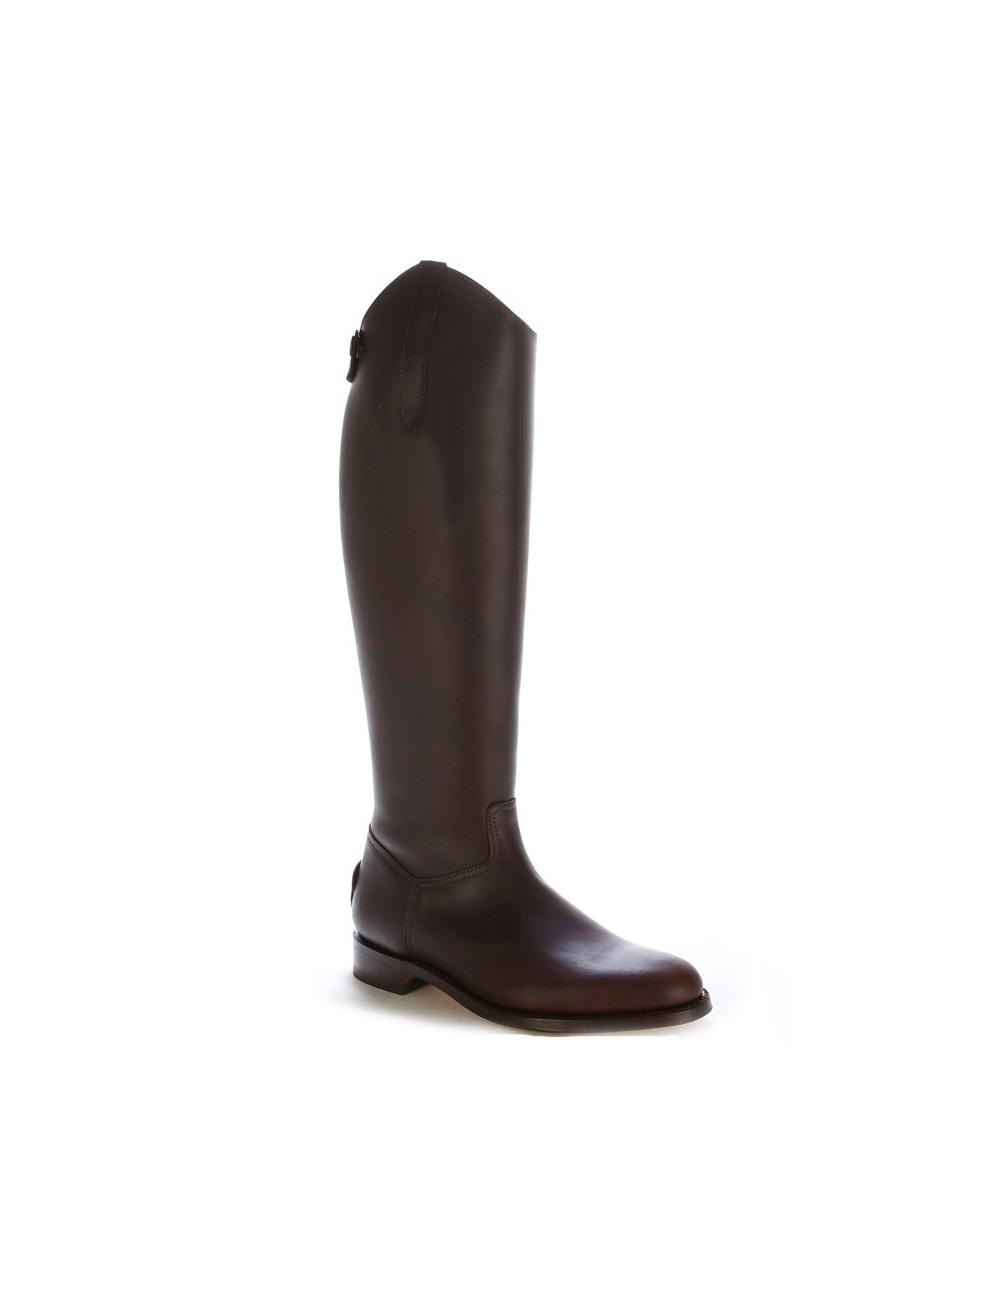 Bottes de dressage cuir marron anatomiques - Bottes équitation artisanales